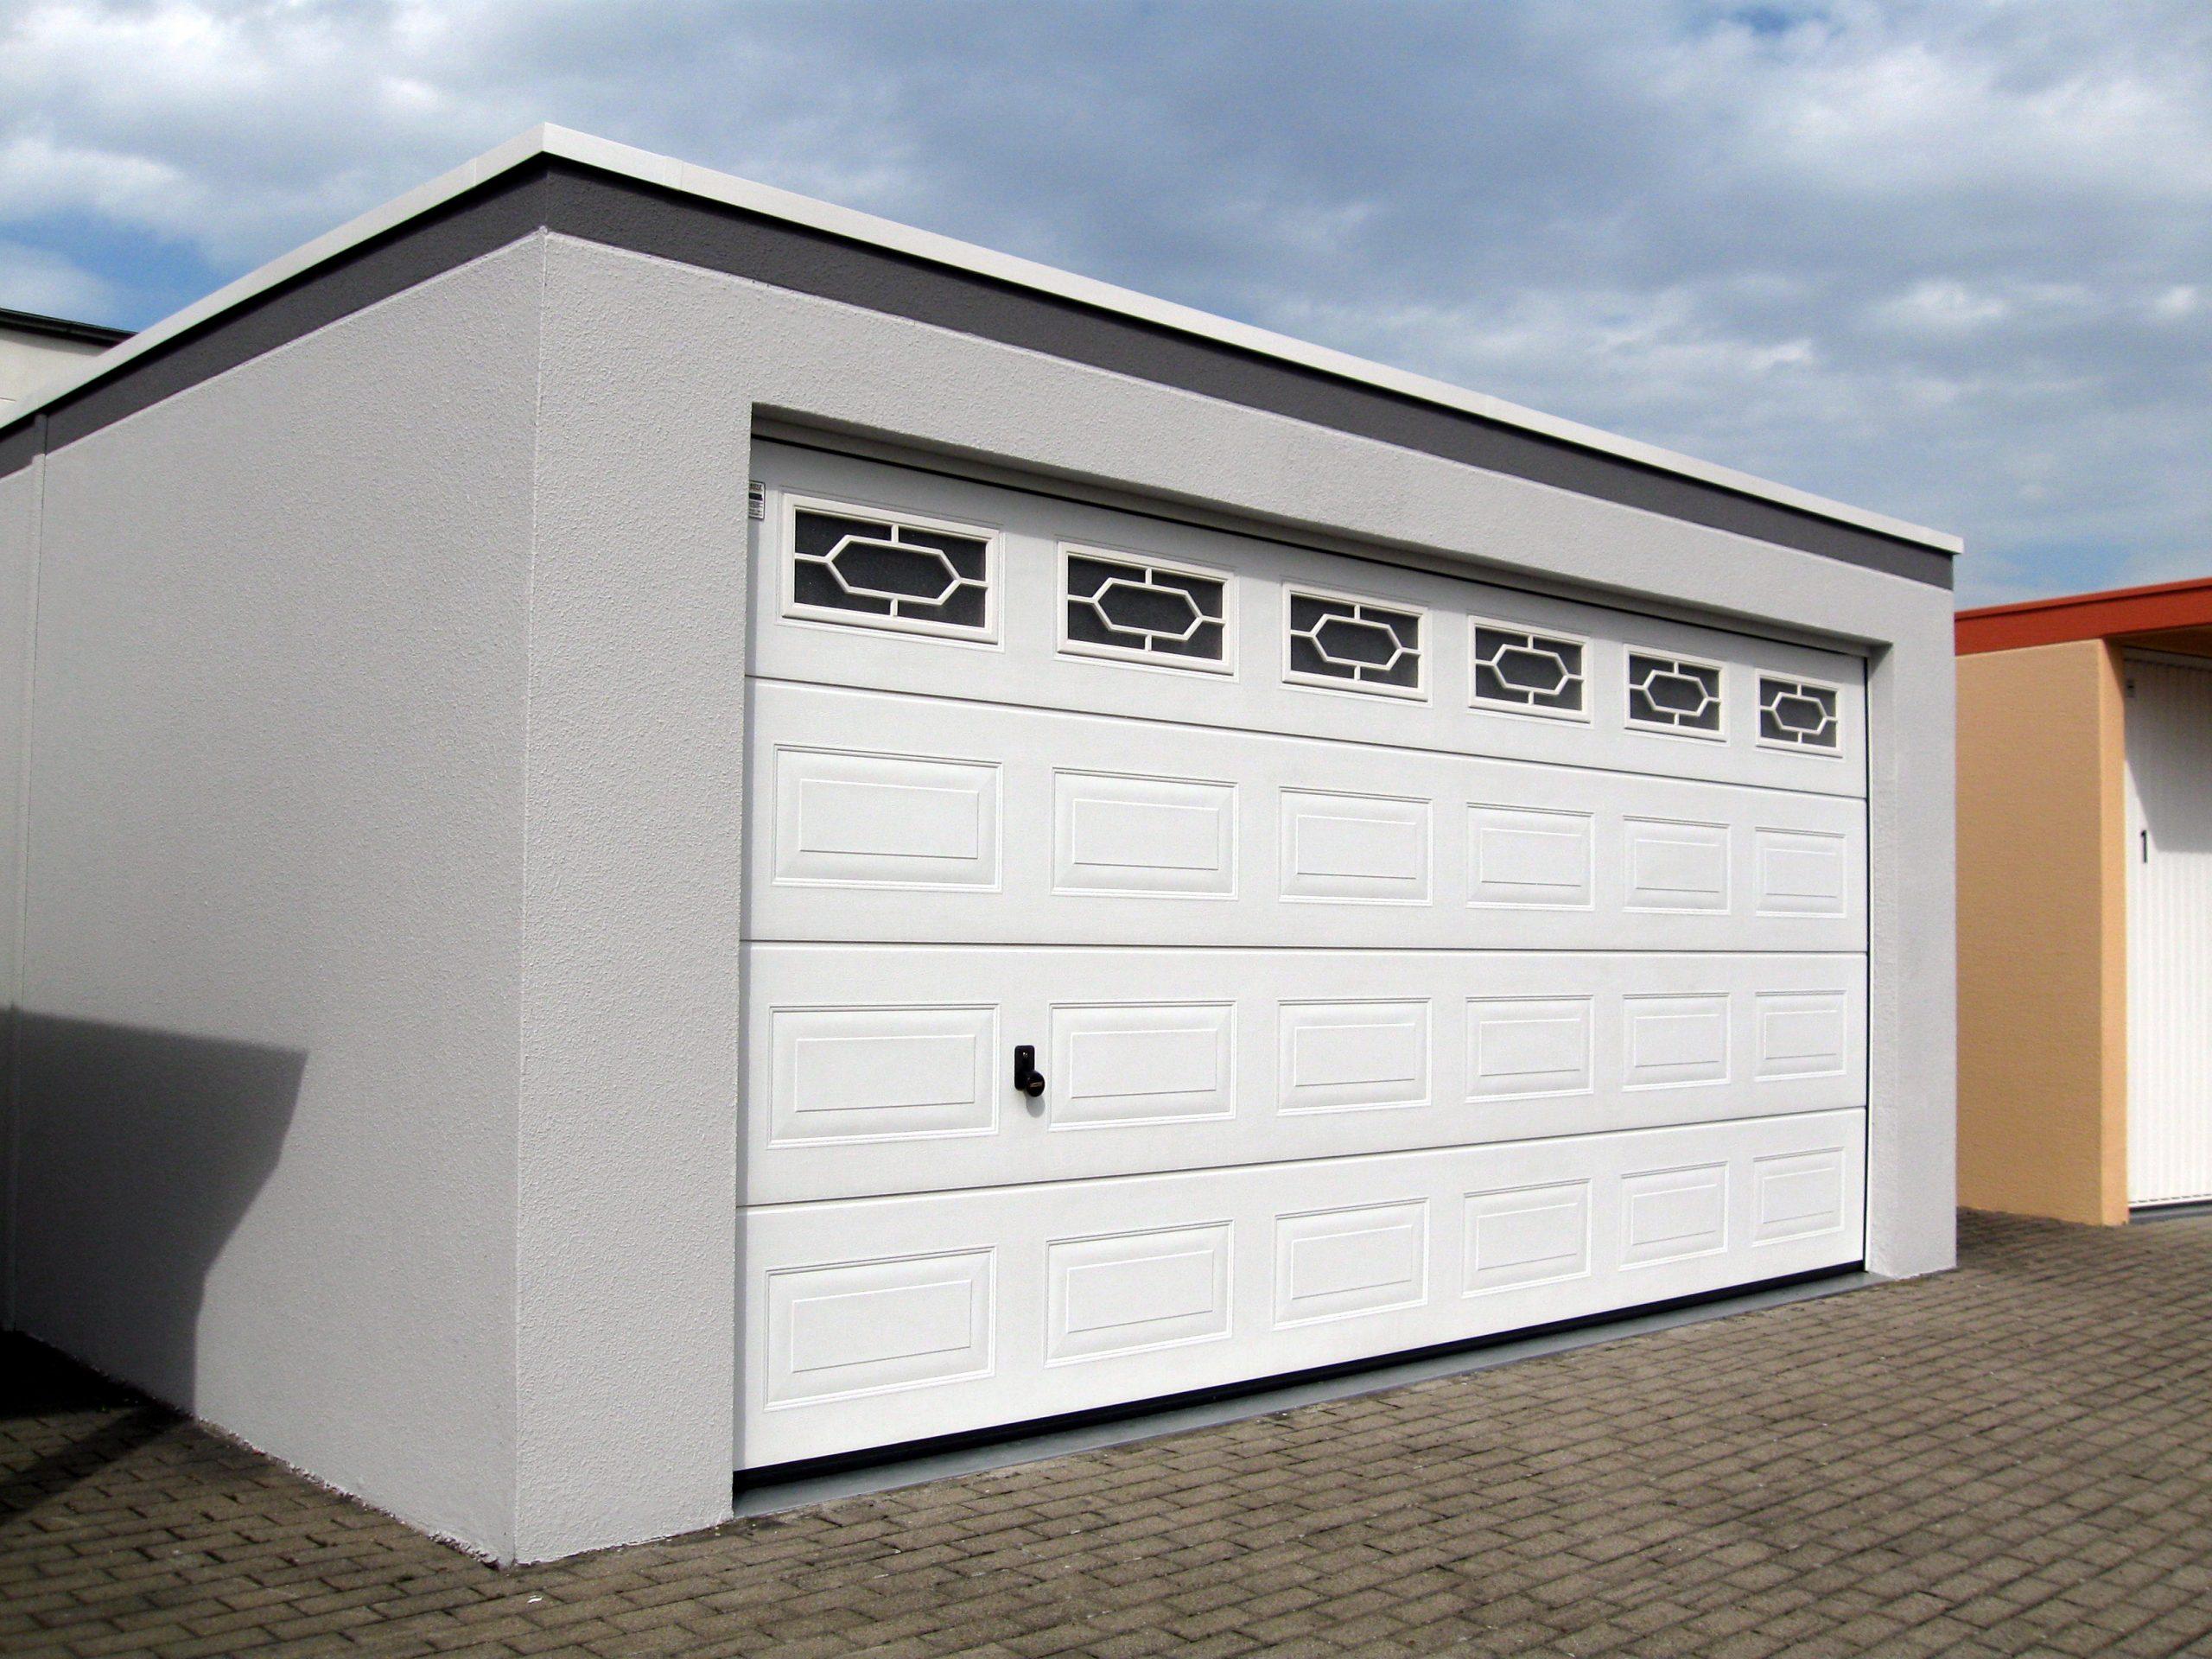 Garage Door Repair Virginia Beach – Companies & their services